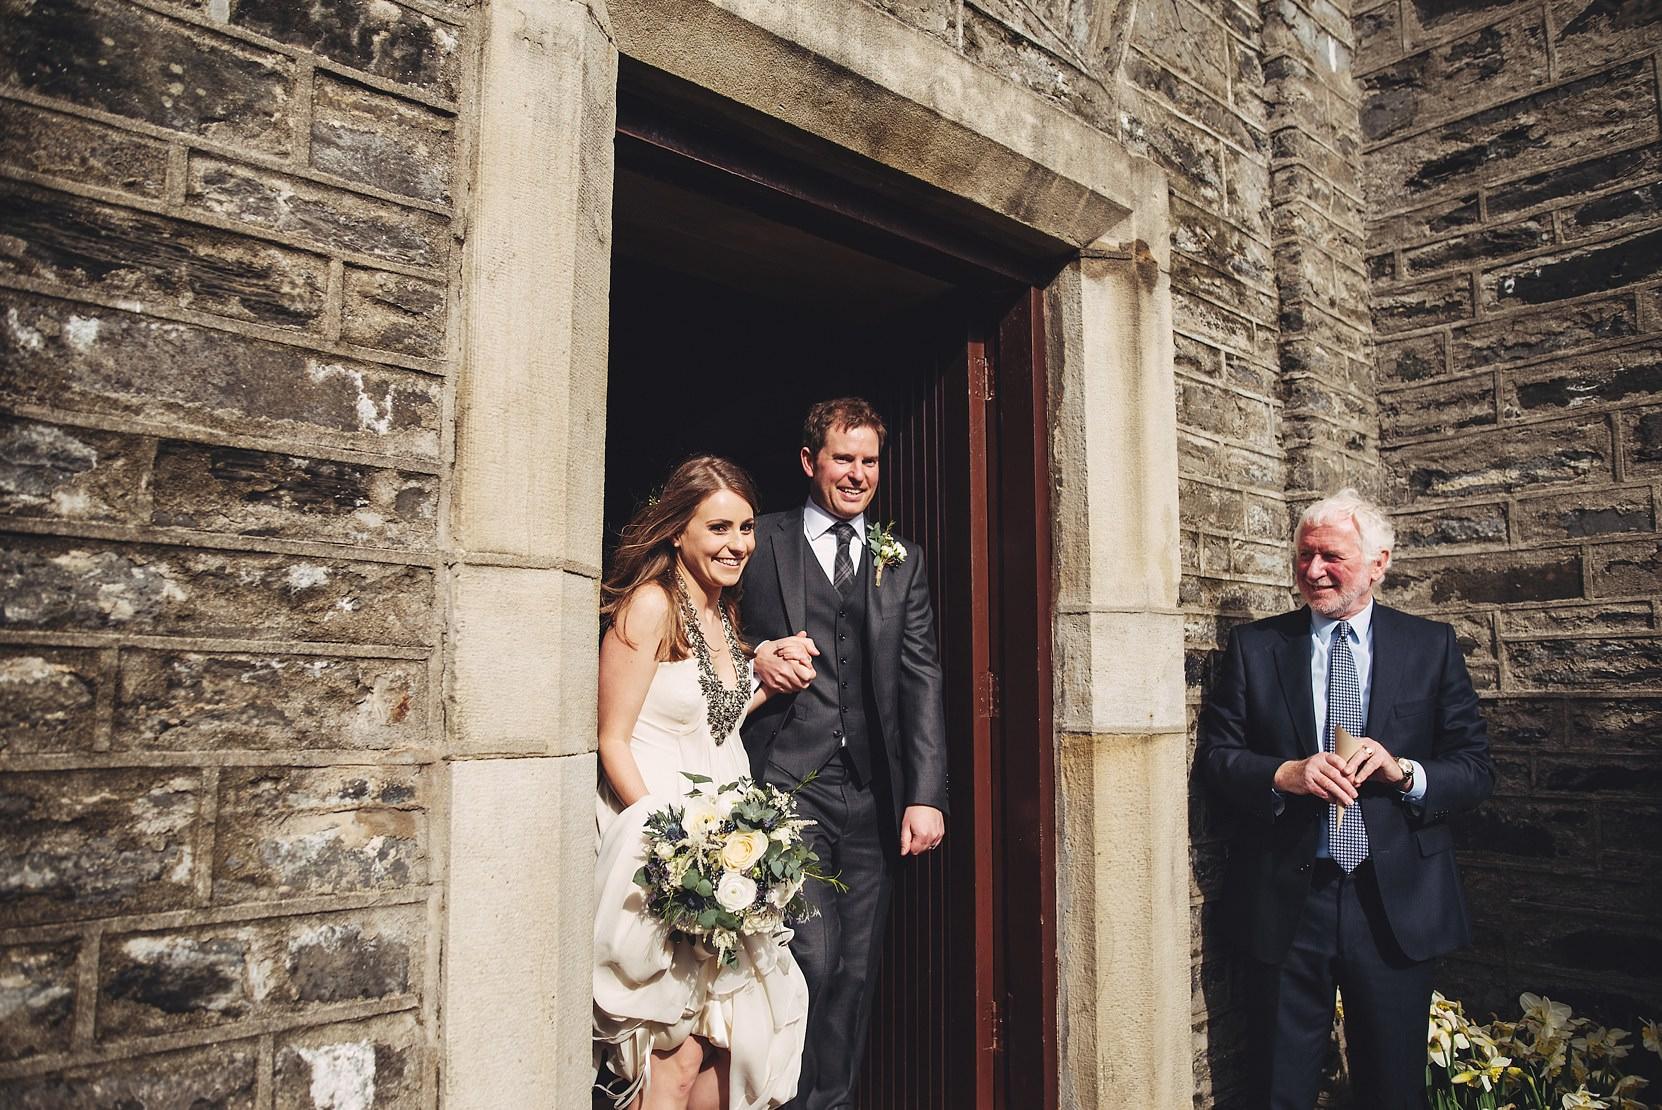 Portnoo-Wedding-Photography_0075